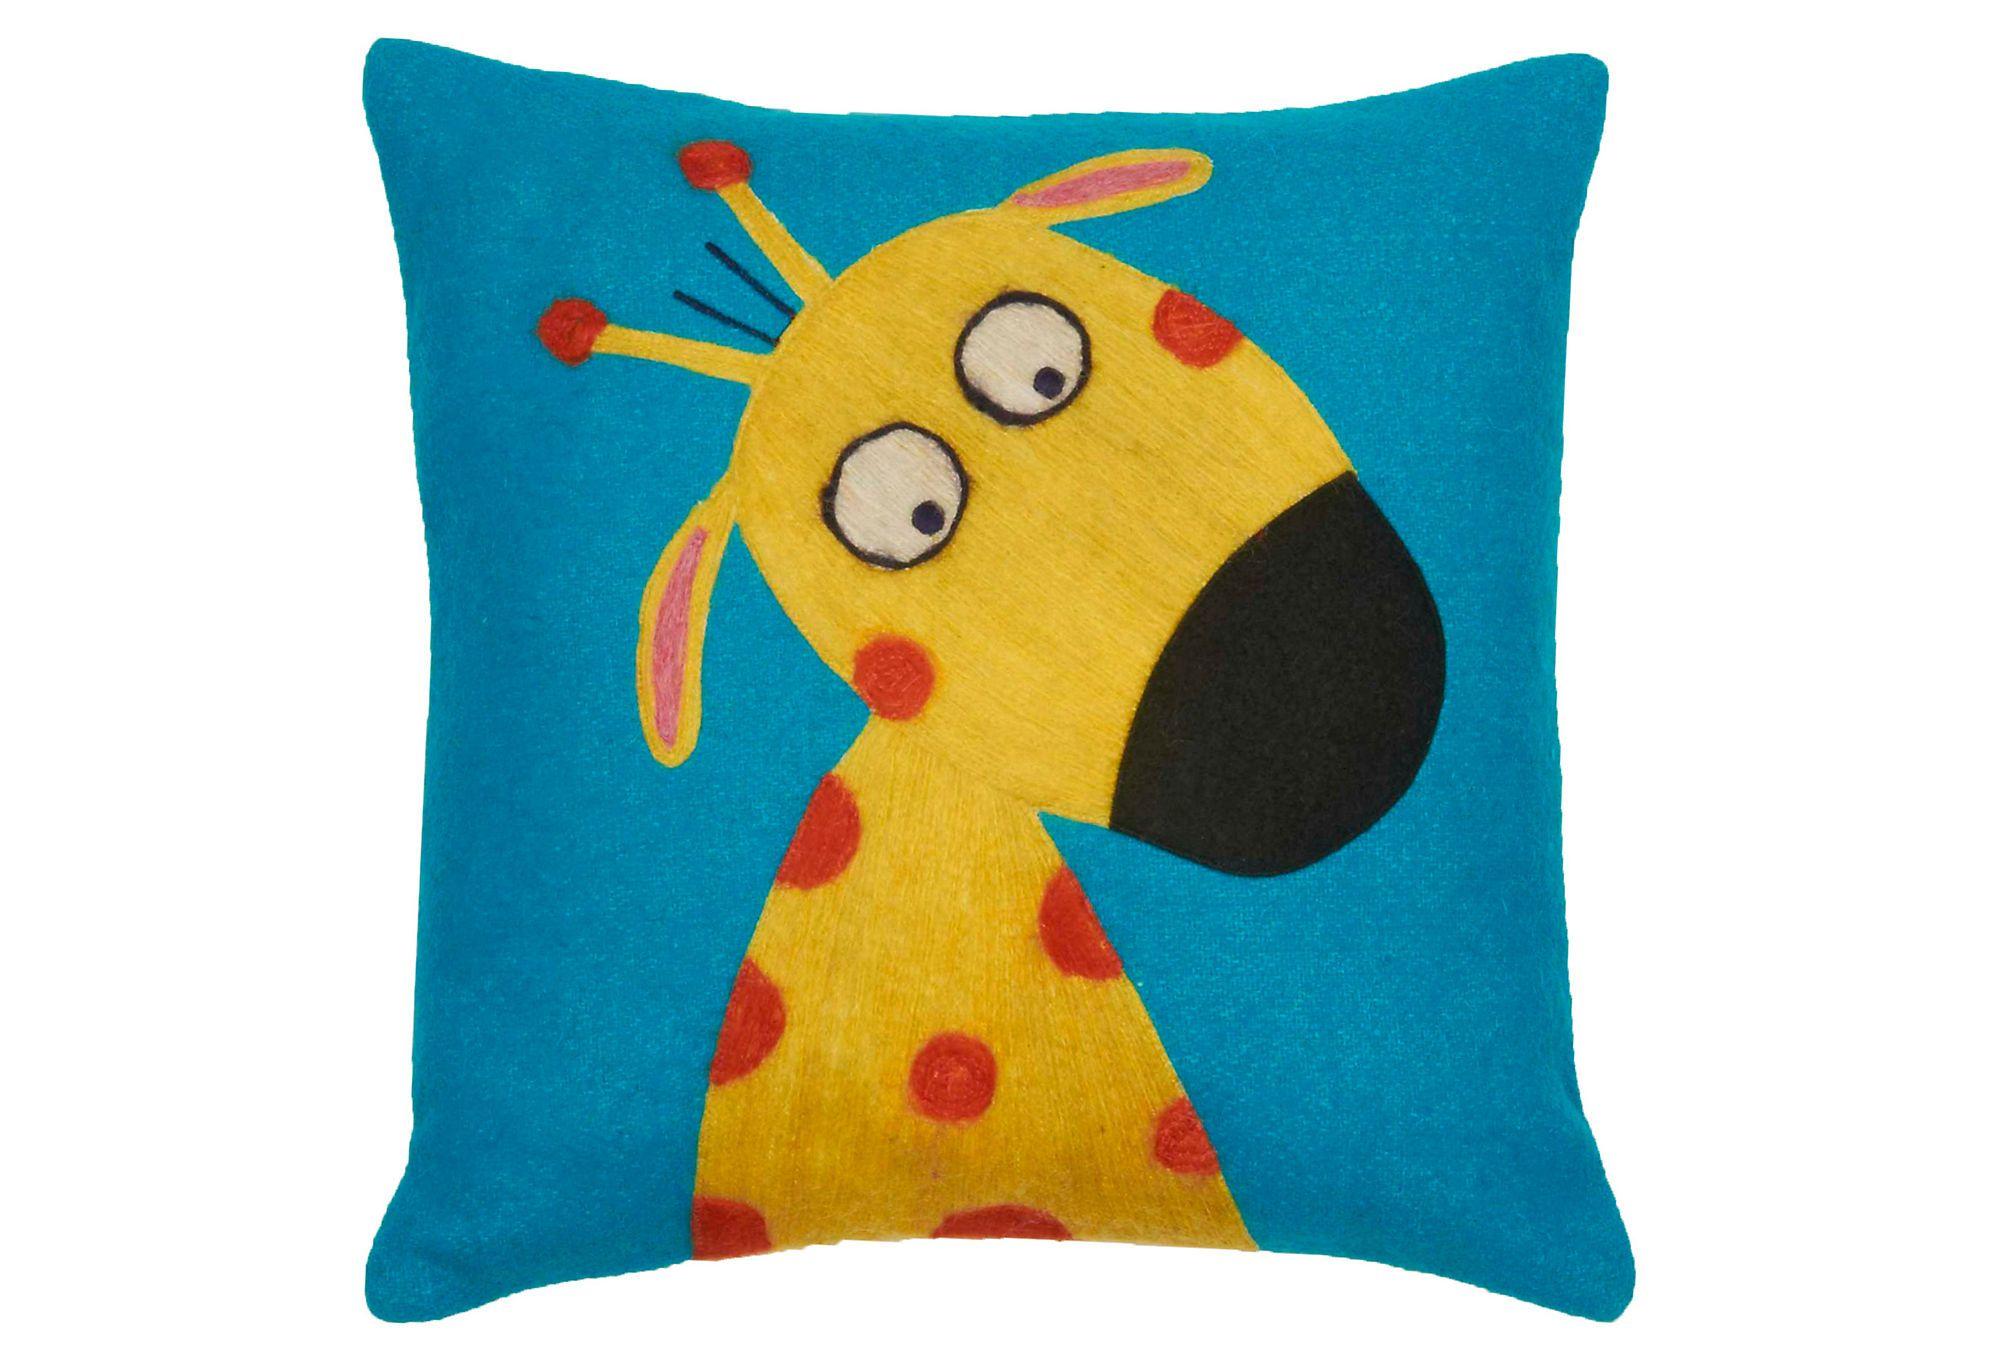 One Kings Lane - Kids' Corner - Funny Giraffe Pillow